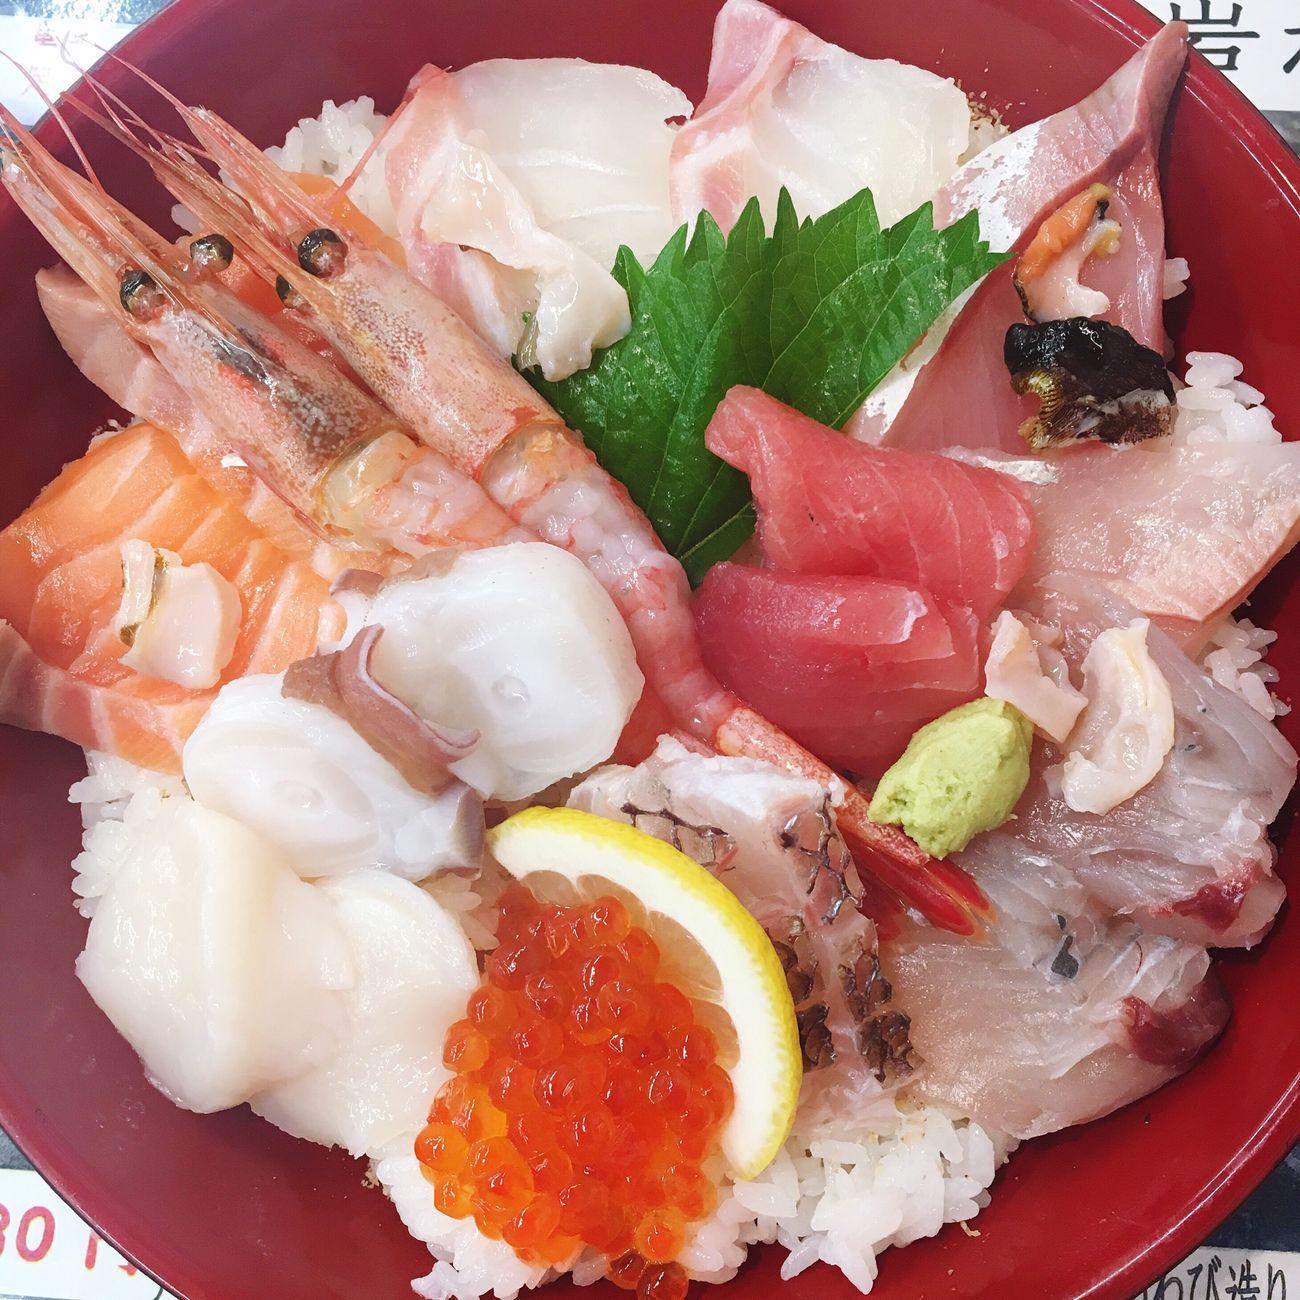 海鮮丼 城崎温泉 Kinosaki 兵庫 海鮮丼 海鮮 Seafood